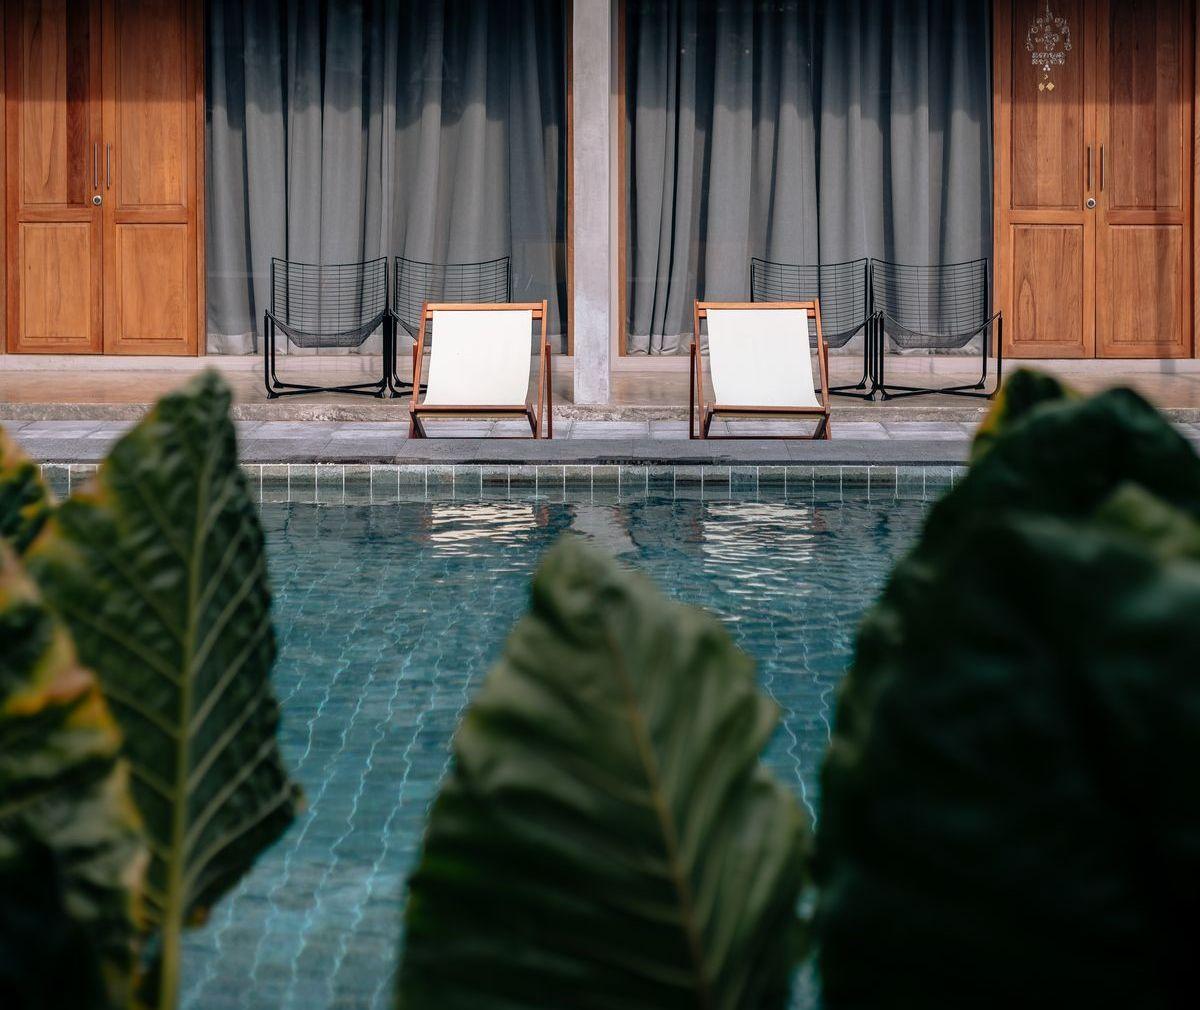 Nachhaltigkeit: Hohe Bedeutung in der Hotellerie